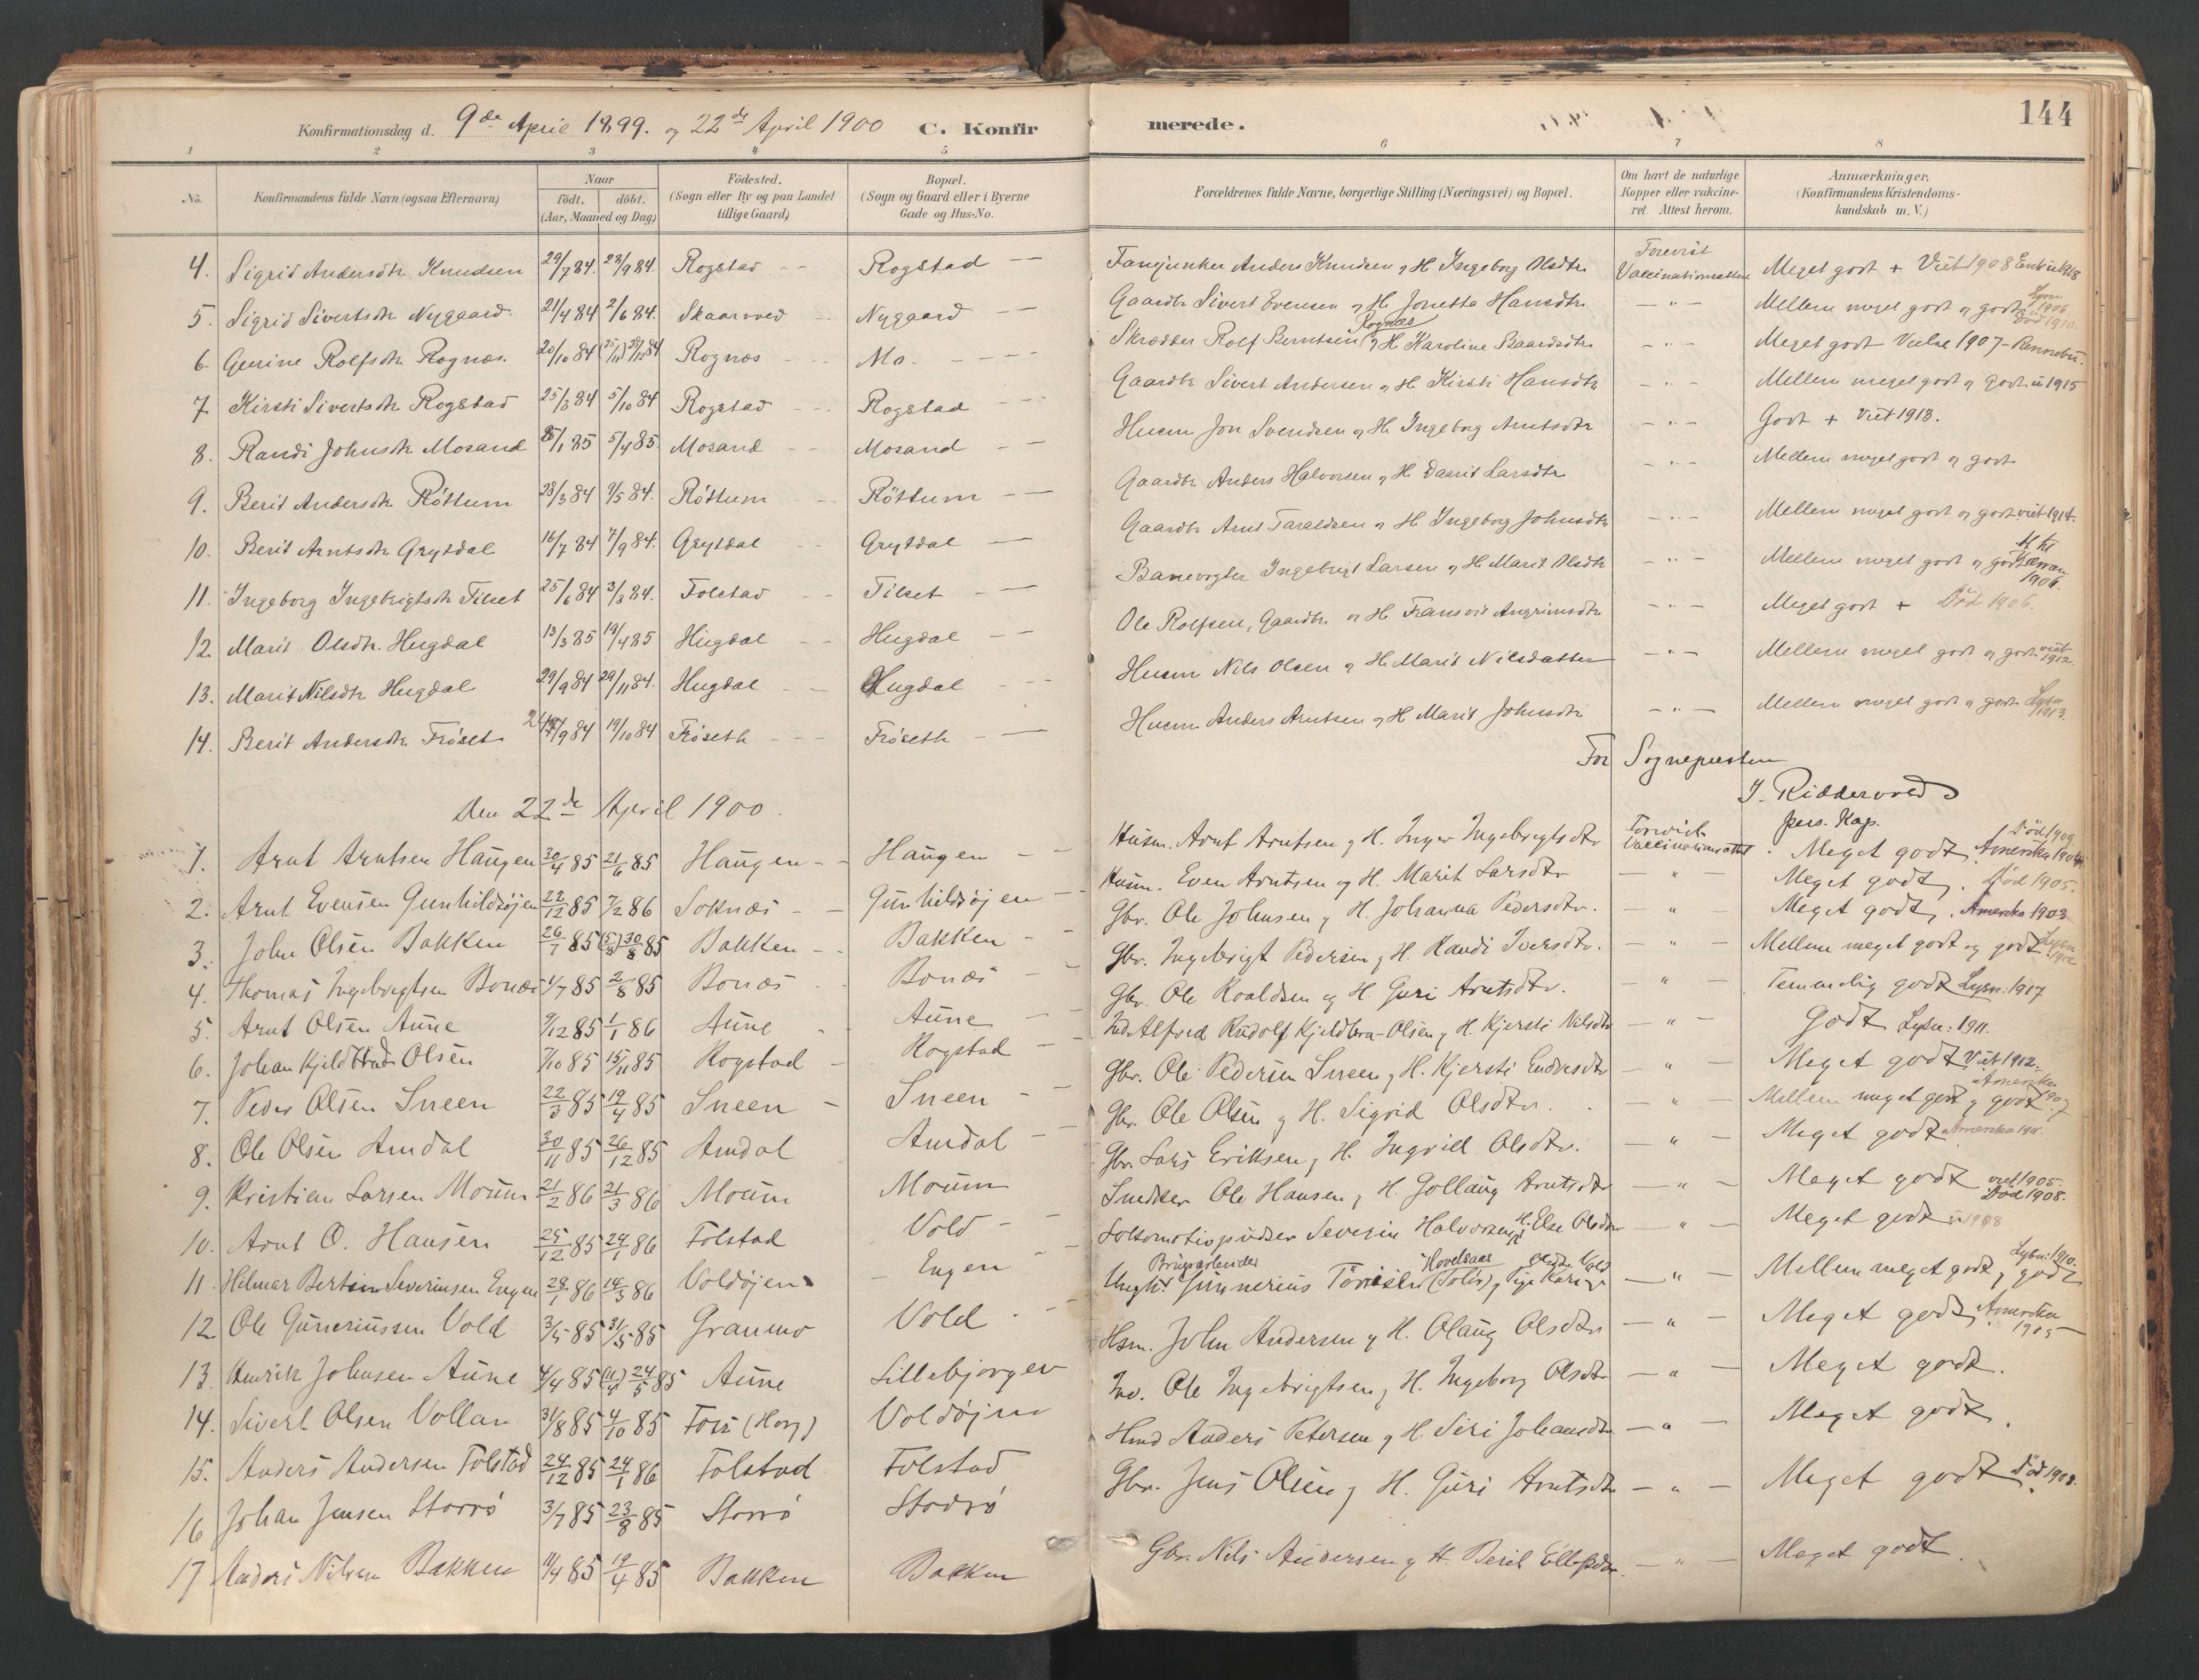 SAT, Ministerialprotokoller, klokkerbøker og fødselsregistre - Sør-Trøndelag, 687/L1004: Ministerialbok nr. 687A10, 1891-1923, s. 144